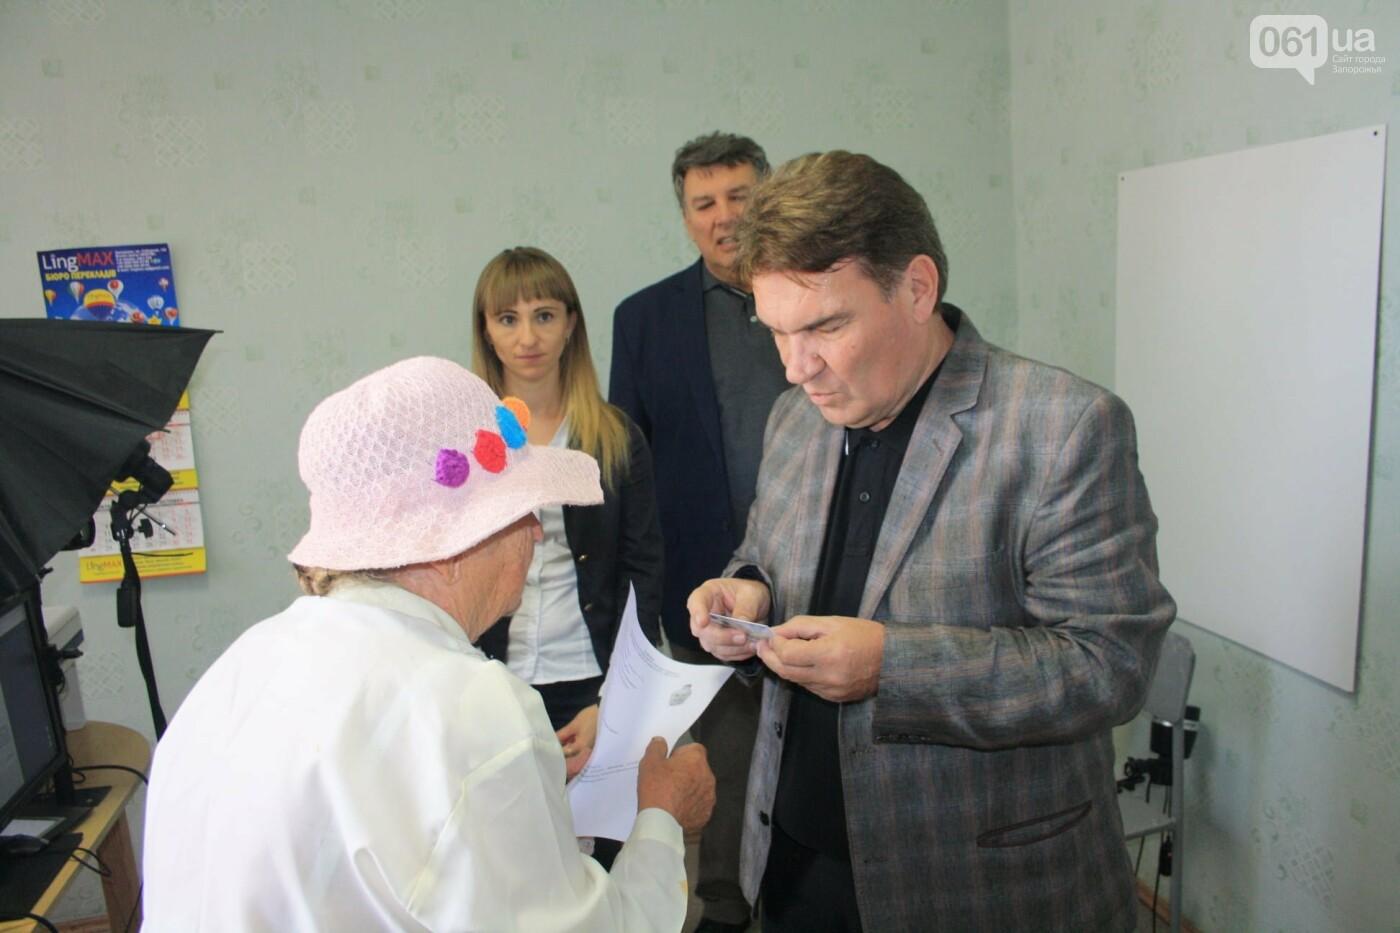 24142335515428495160519956610775980460355120n 6137291f59a67 - В Запорожской области выдали паспорт 82-летней женщине: она 30 лет пользовалась советским документом